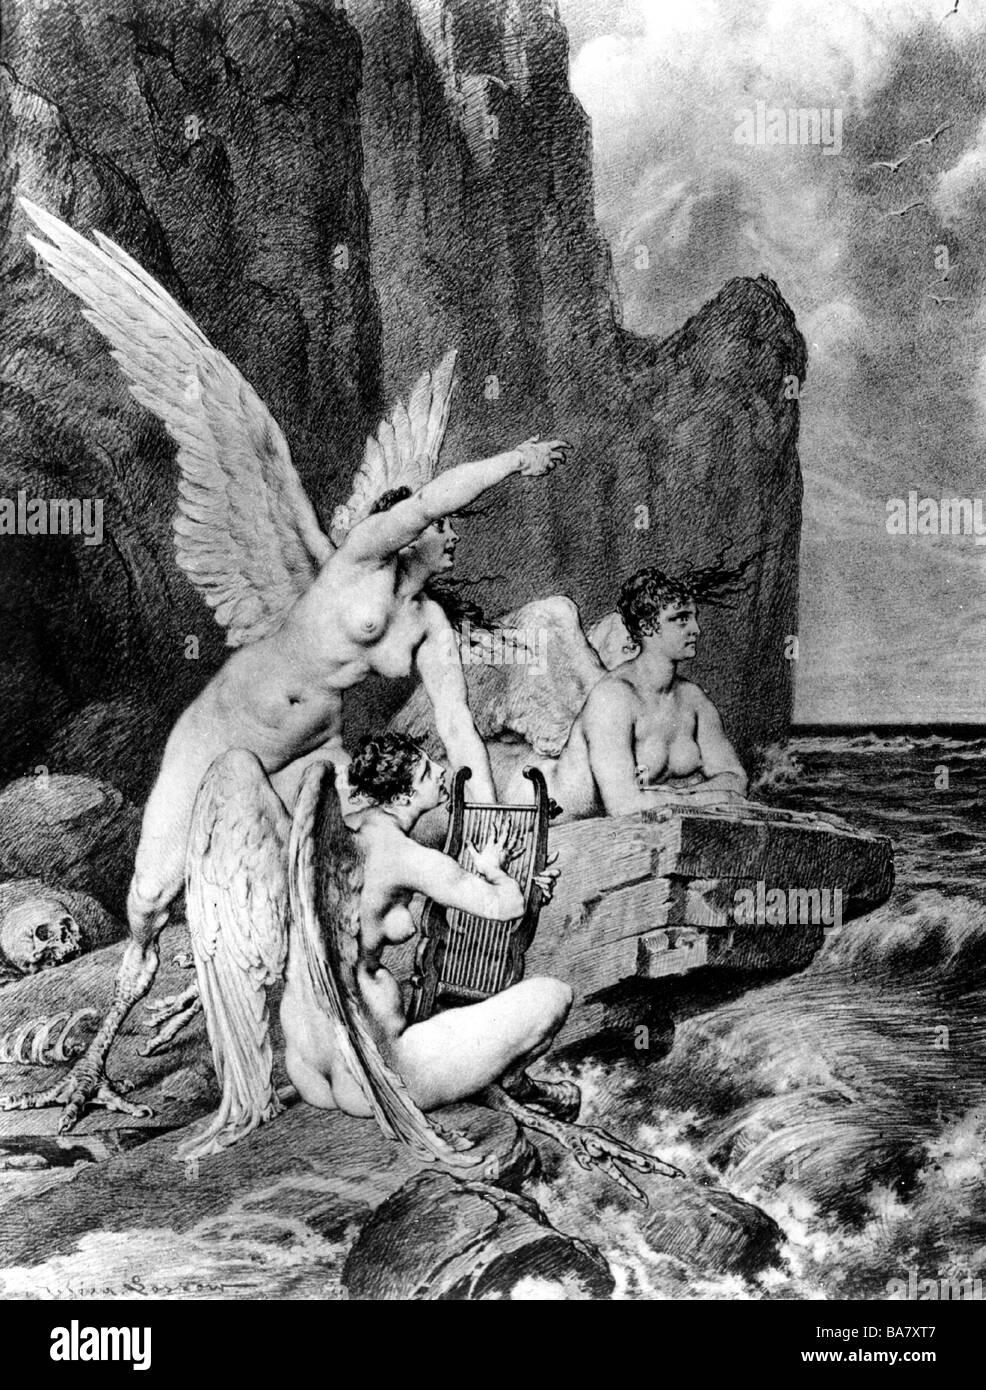 Sirenas, criaturas míticas griegas, atrayendo a los marinos en una trampa con su canto, grabado por Heinrich Imagen De Stock